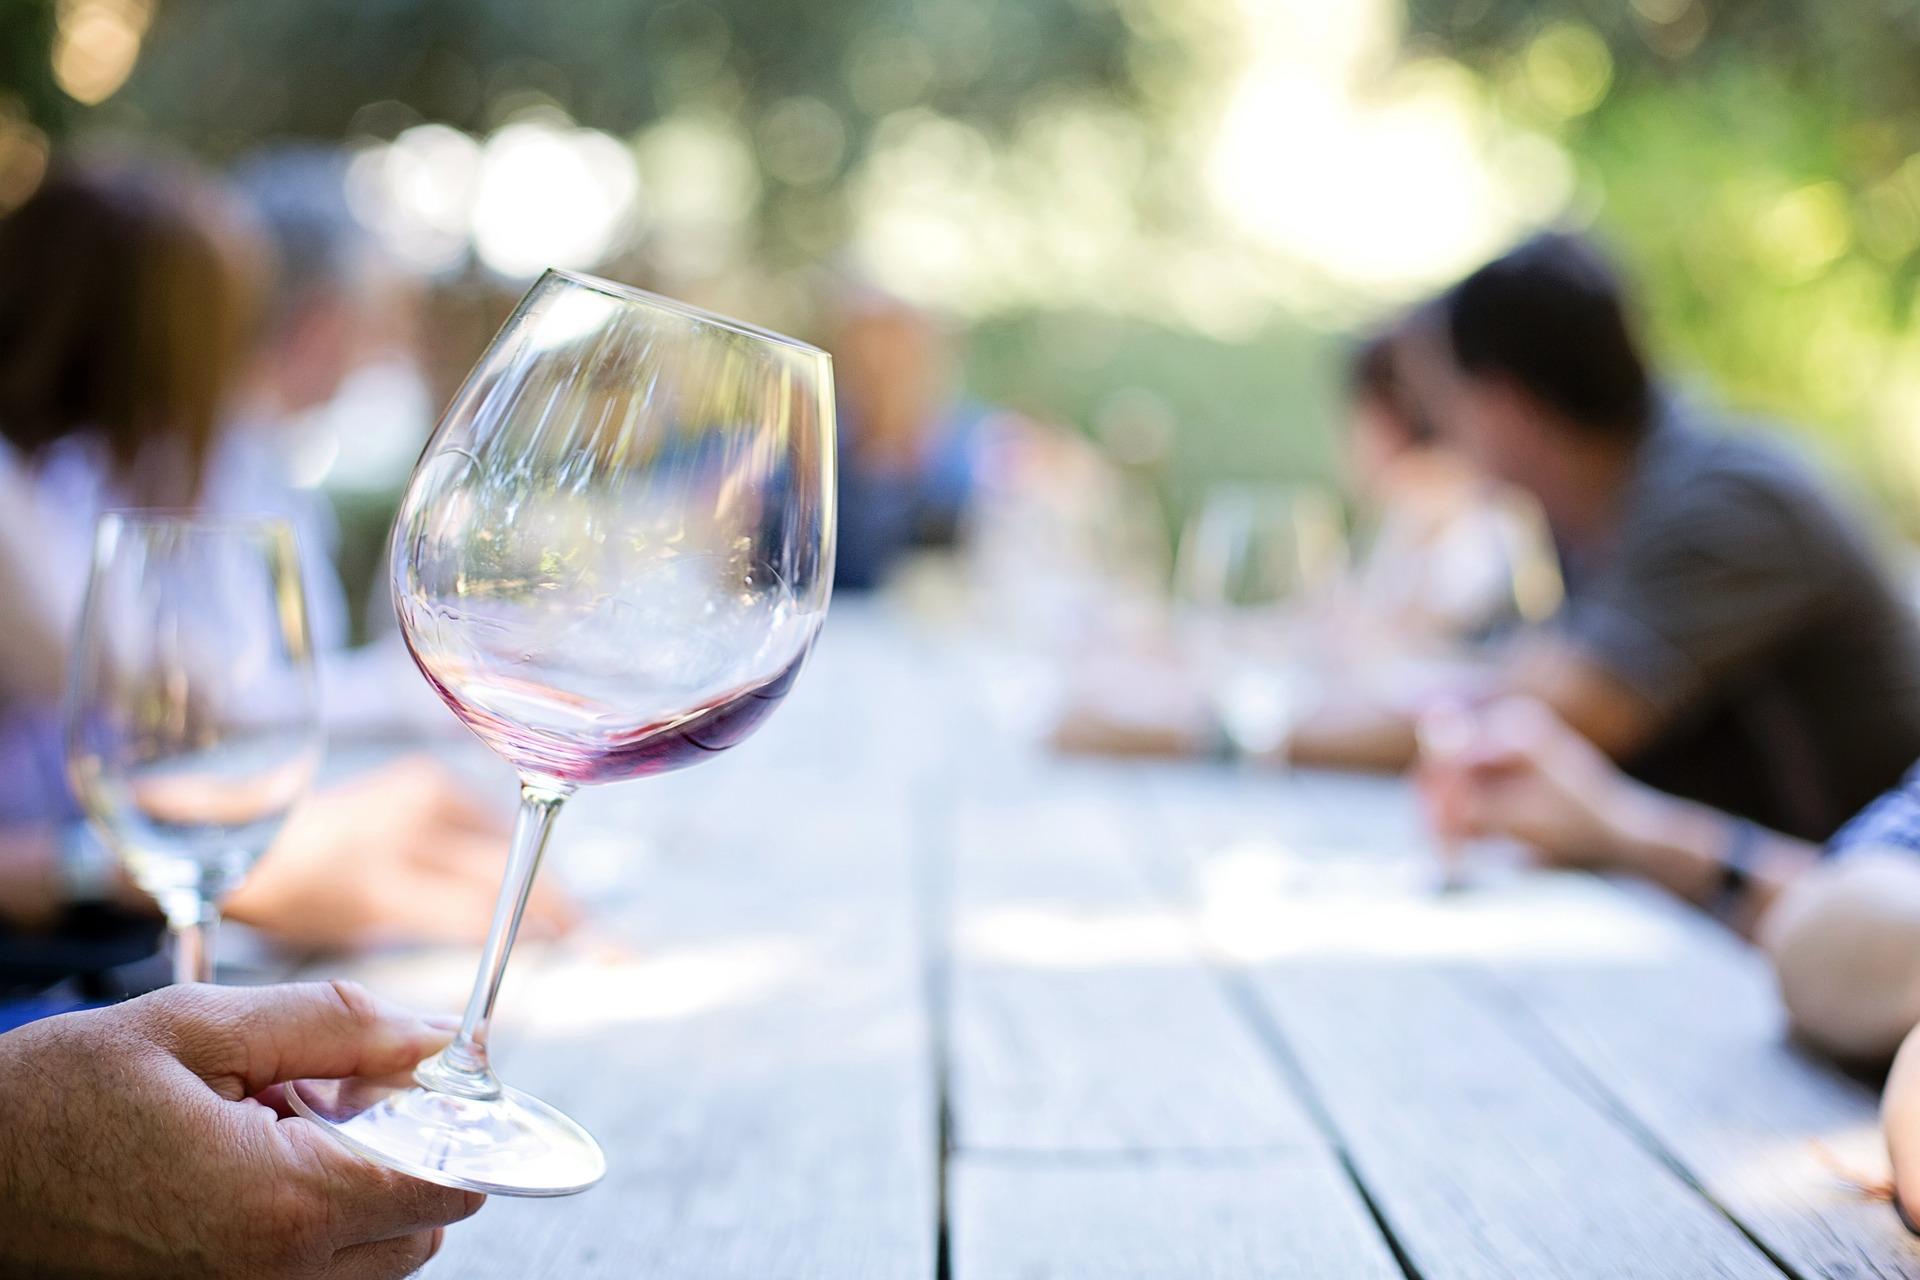 wineglass-553467_1920 (1)